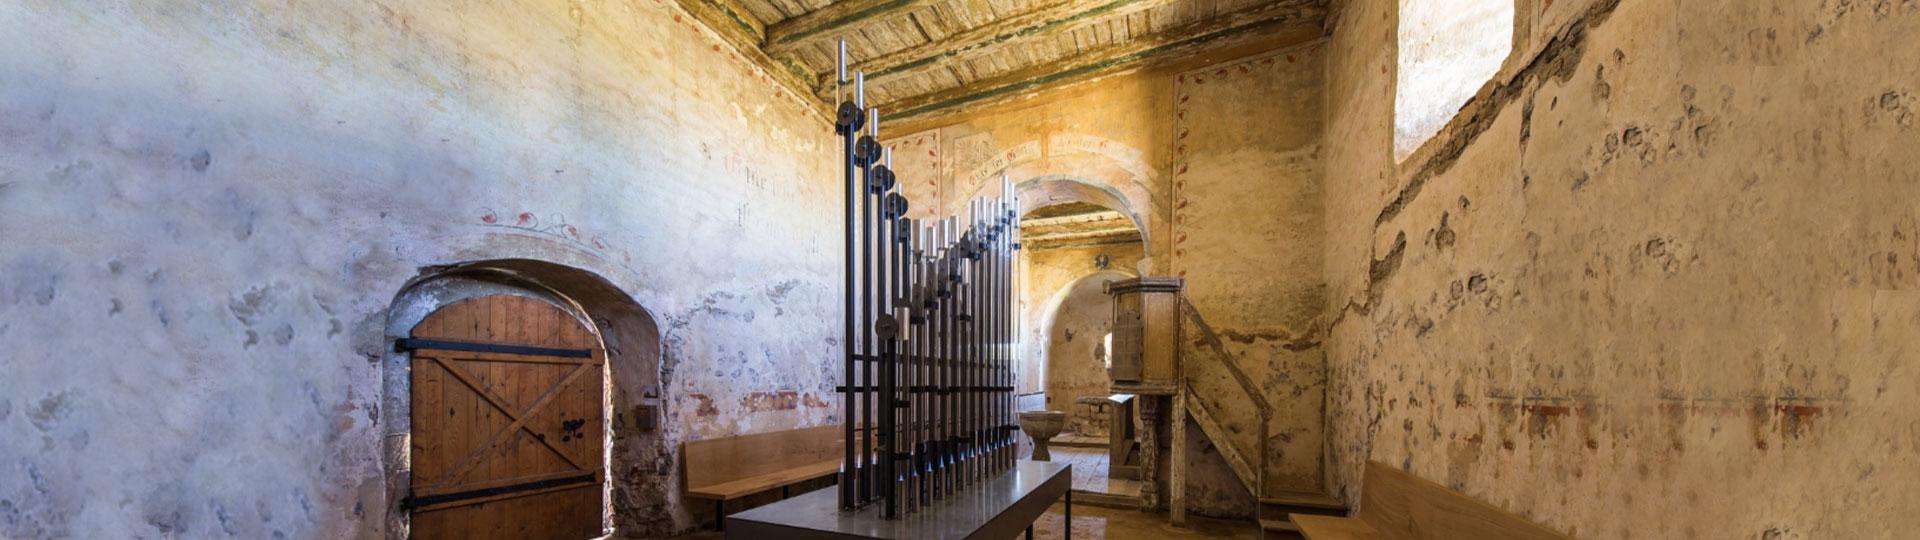 Trinamic erfüllt Kapelle mit beispielloser Musik